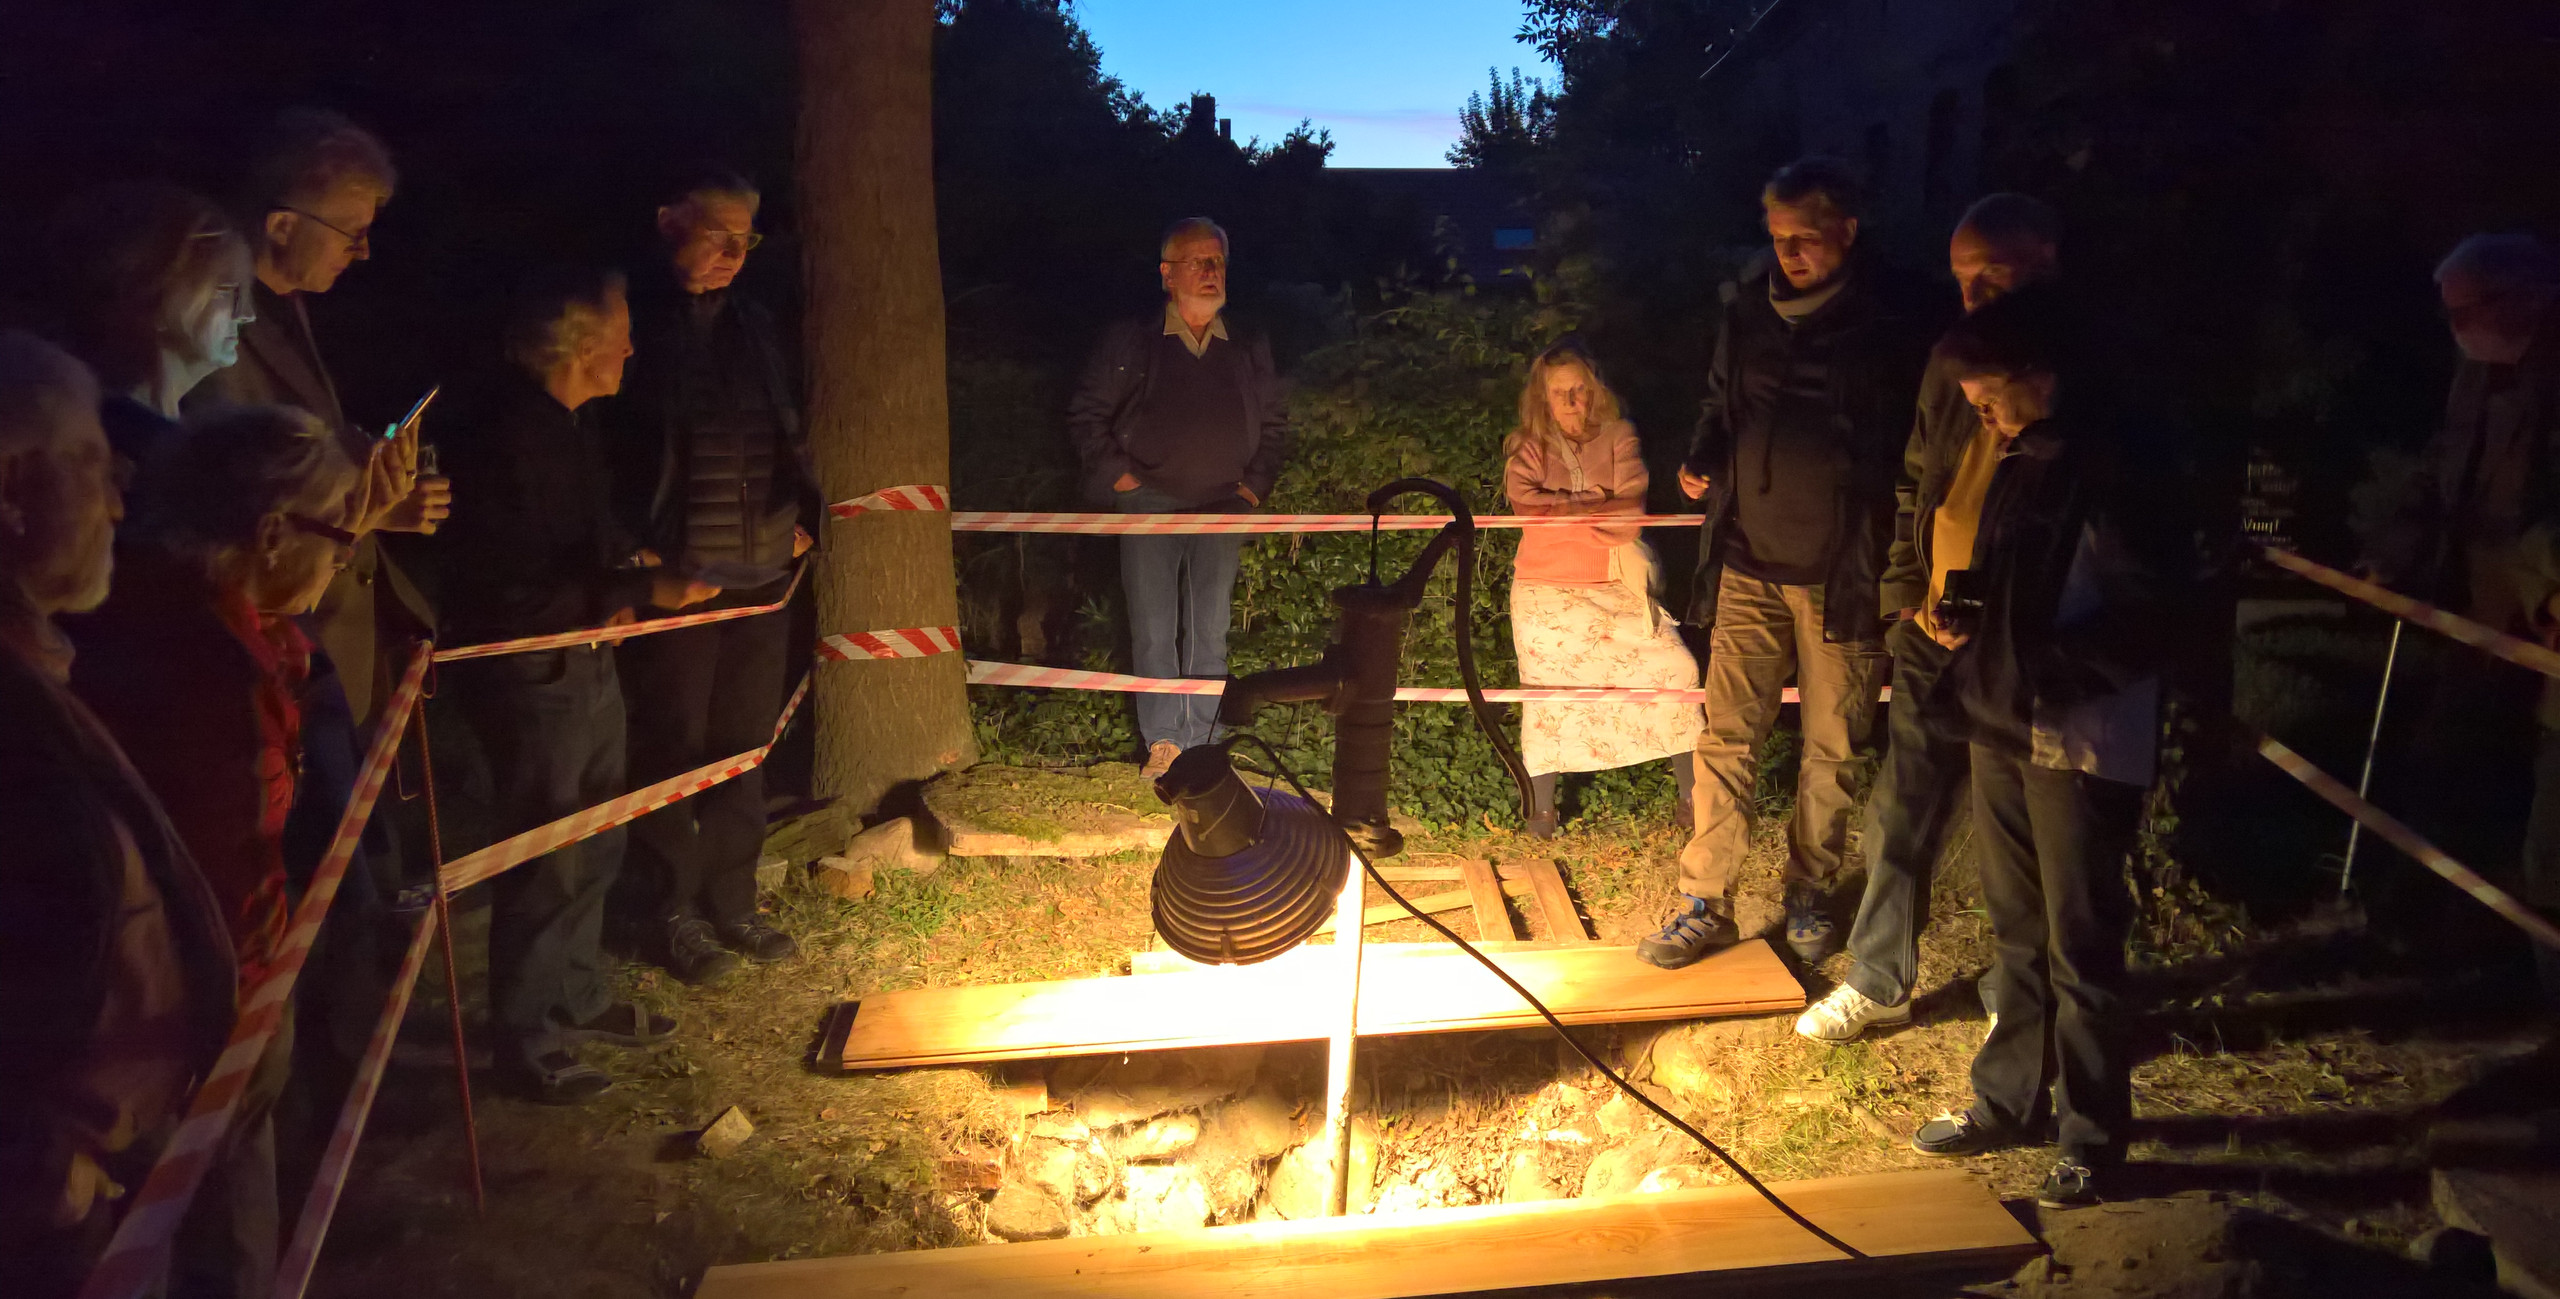 10 Jahre Förderverein Wallfahrtskirche Buckow - Brunnenerkenntnisse im Scheinwerferlicht